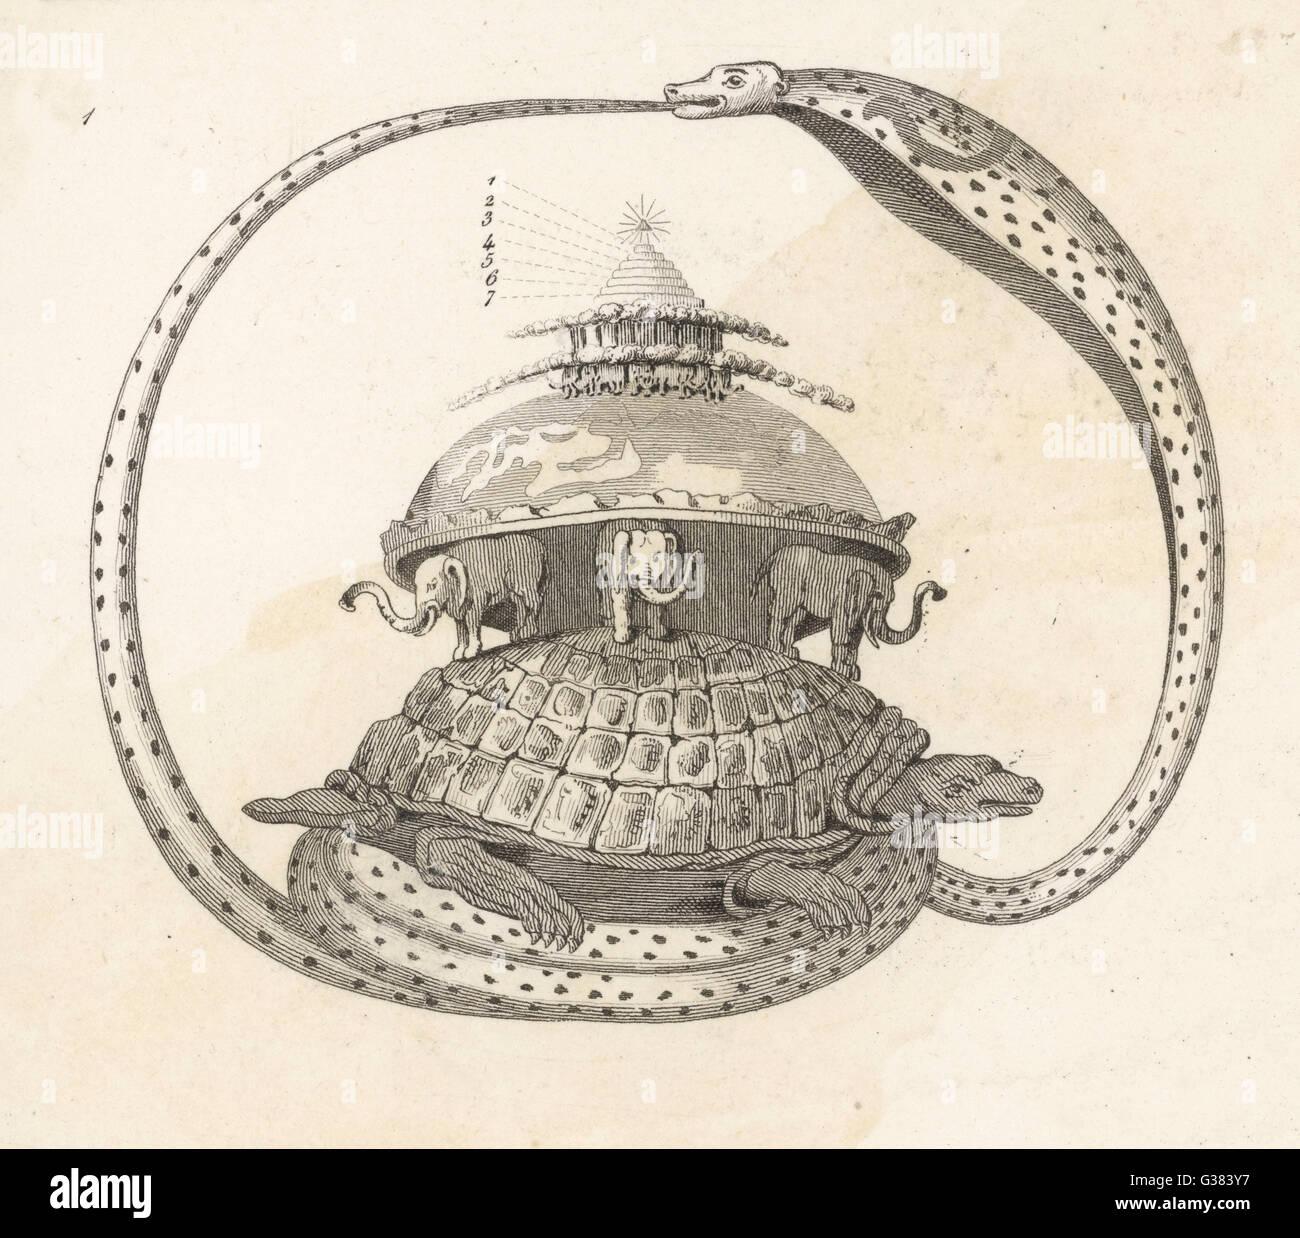 Il concetto dell'universo: la tartaruga cosmica con un serpente (COBRA) ed elefanti. Immagini Stock